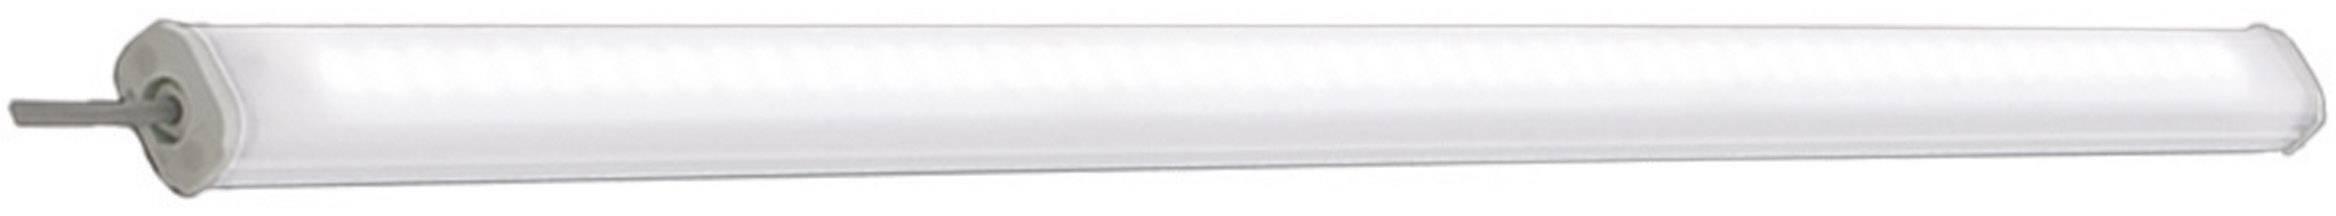 Idec LF2B-E4P-ATHWW2-1M, biela, 1080 lm, 14.3 W, 230 V/AC